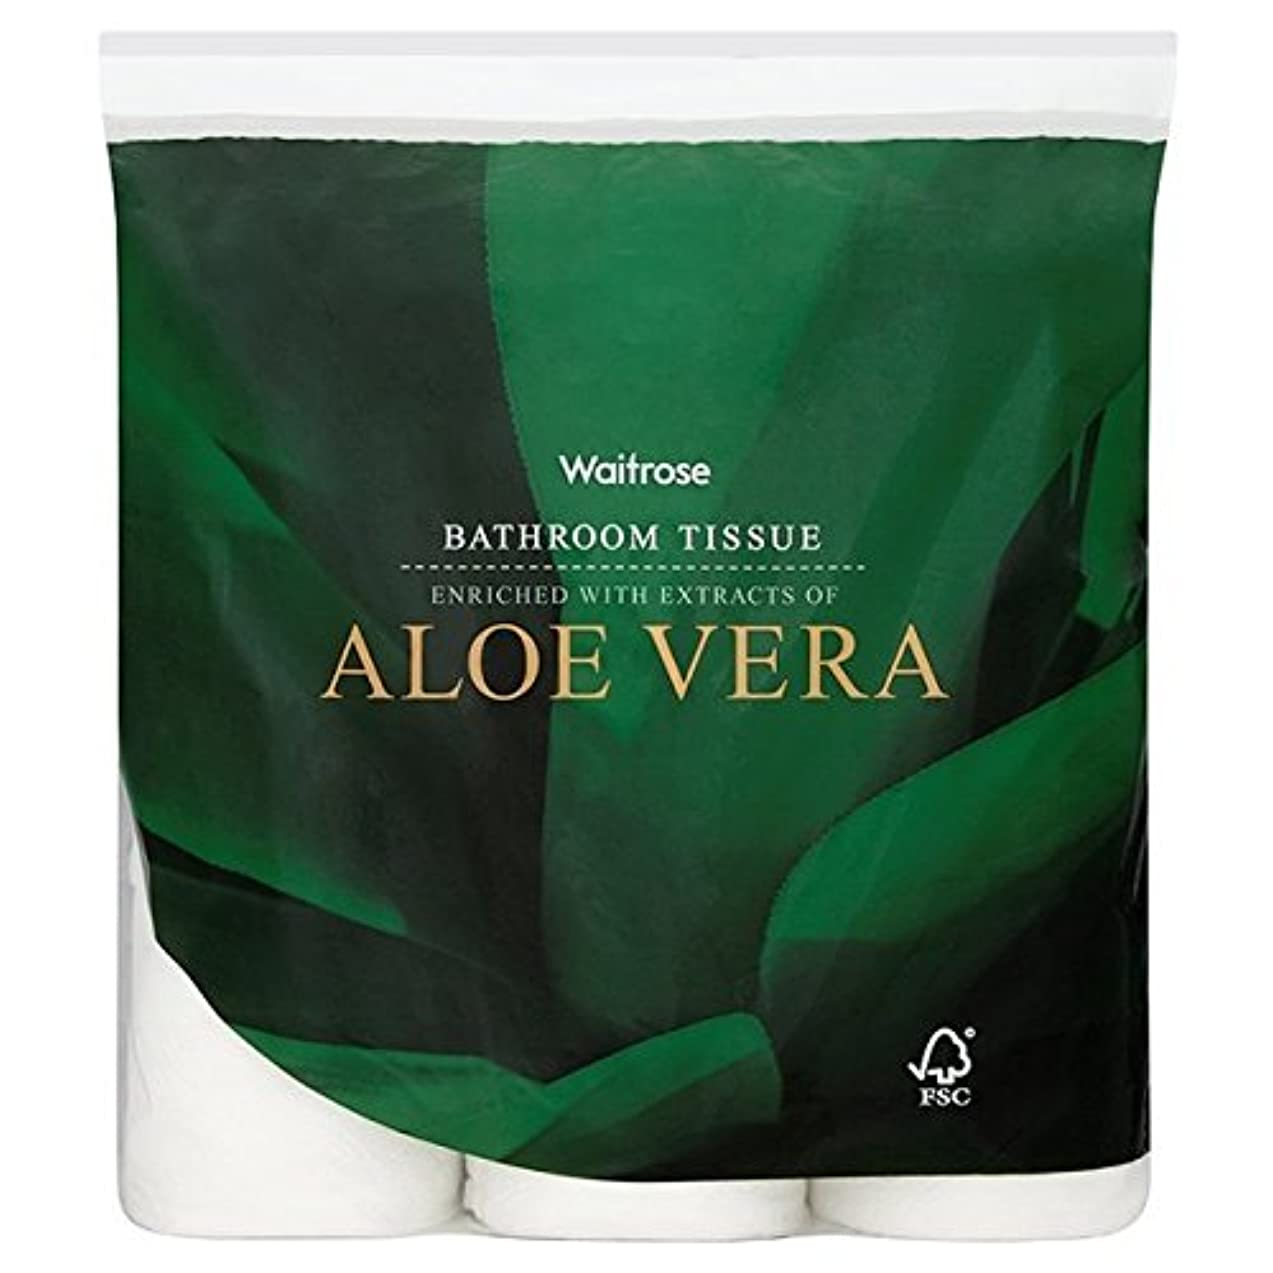 通りジーンズ慣れるパックあたりアロエベラ浴室組織白ウェイトローズ9 x4 - Aloe Vera Bathroom Tissue White Waitrose 9 per pack (Pack of 4) [並行輸入品]